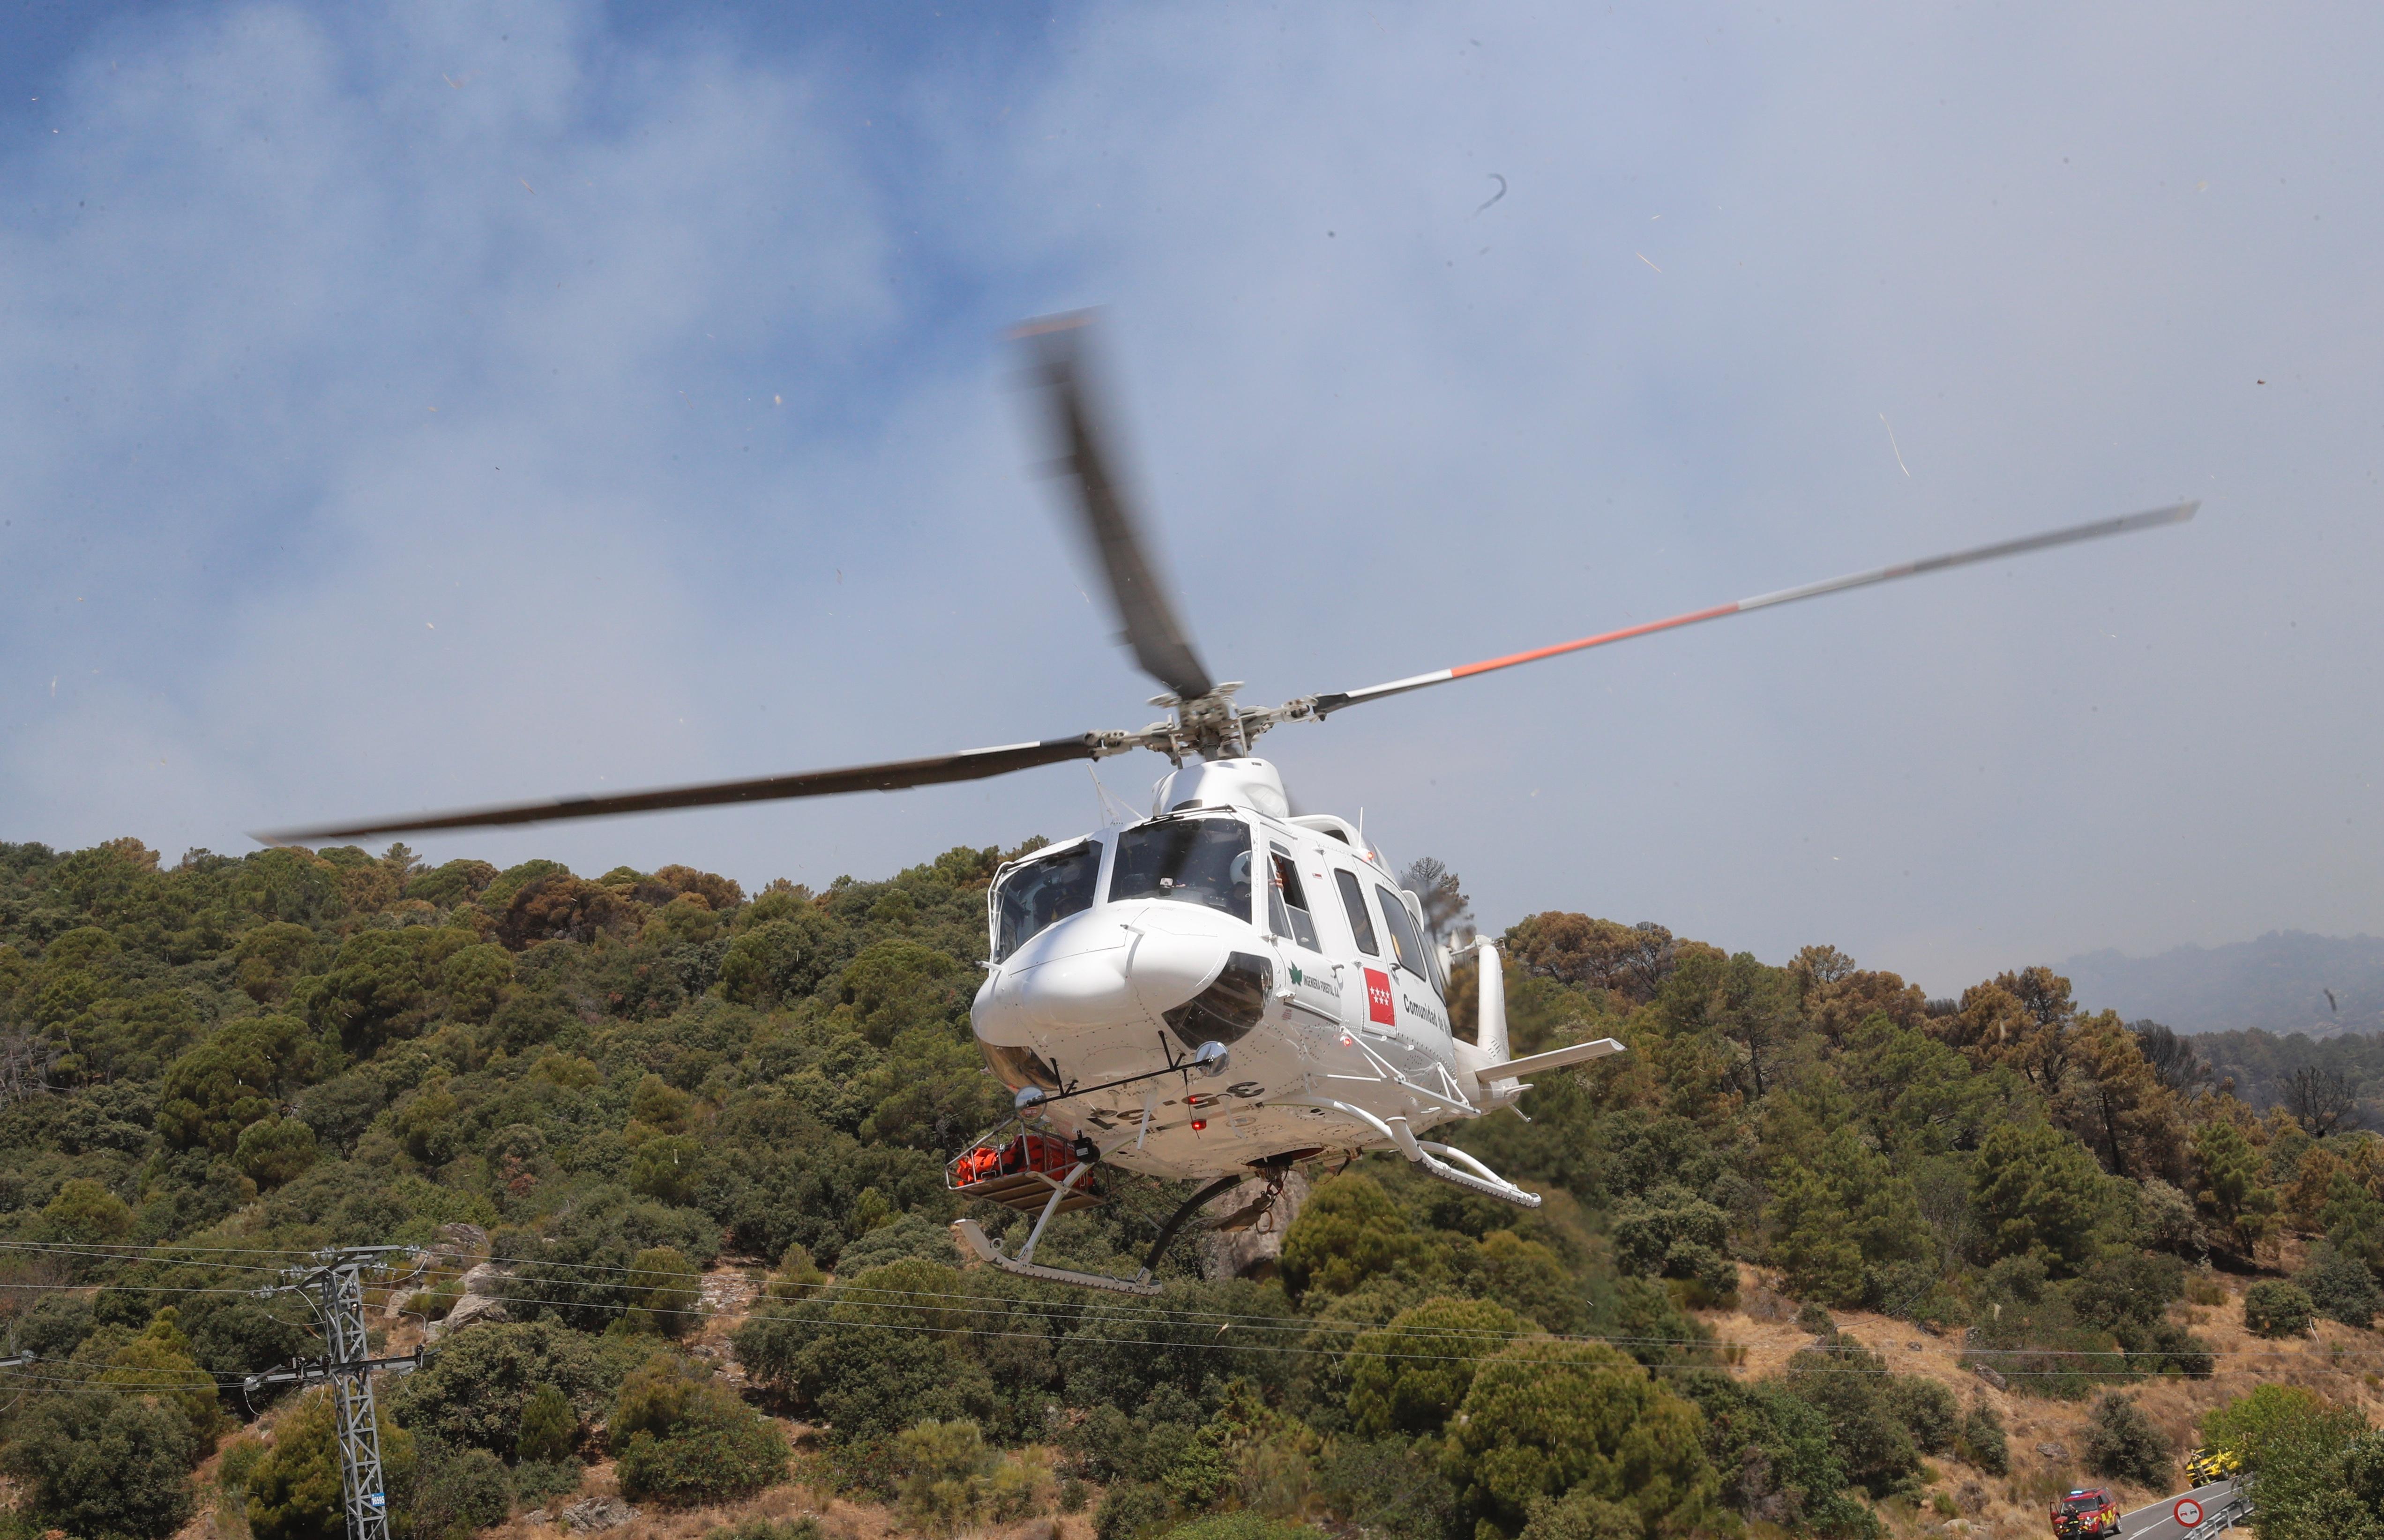 """Los helicópteros son del tipo biturbina, con capacidad para transportar al personal del grupo de extinción y a la propia tripulación. Además, los aparatos cuentan con un depósito colgante, llamado """"helibalde""""."""